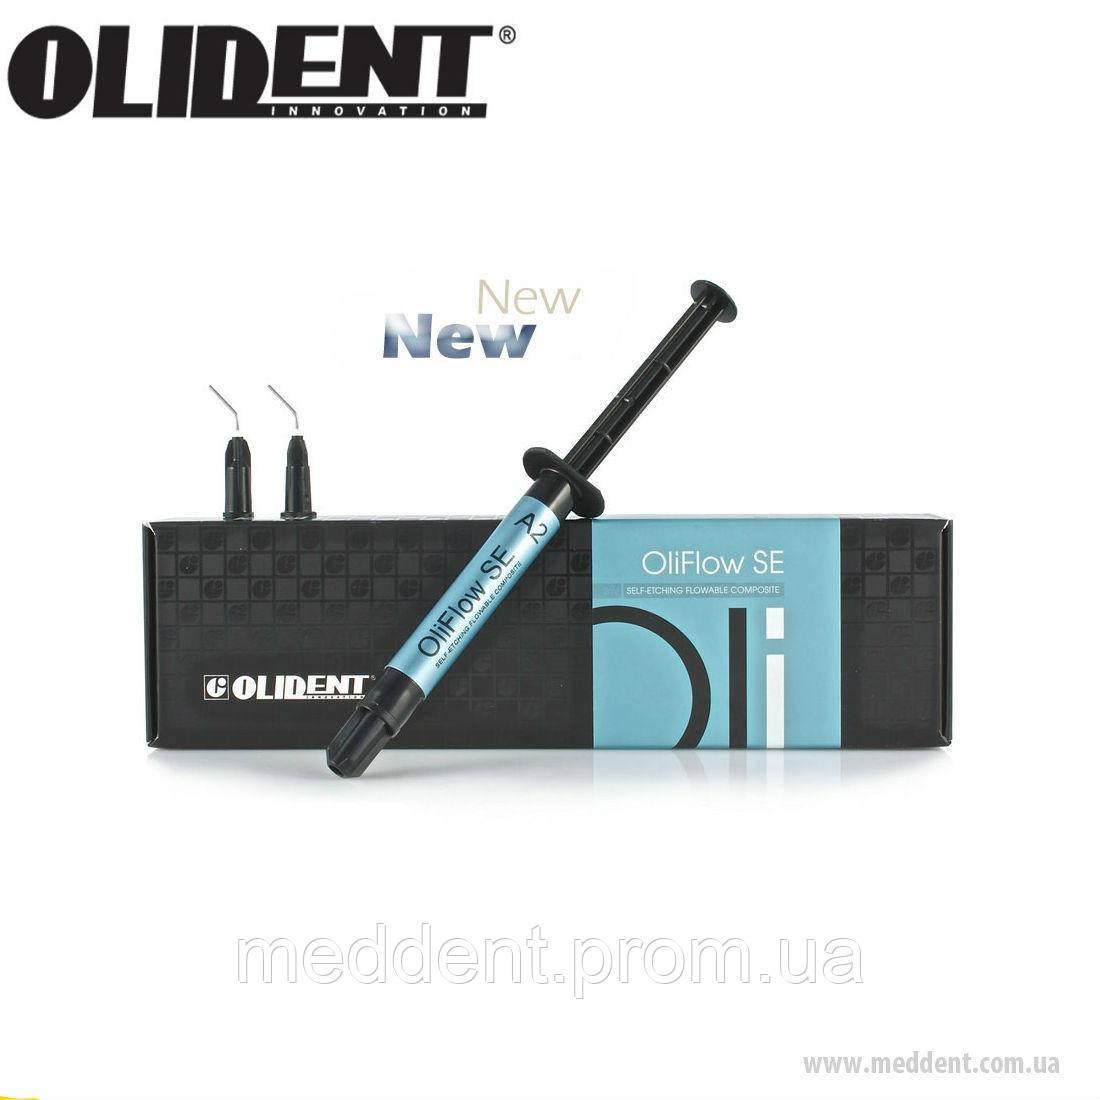 OliFlow SE - NEW  - Стоматологическое оборудование и материалы в Херсоне